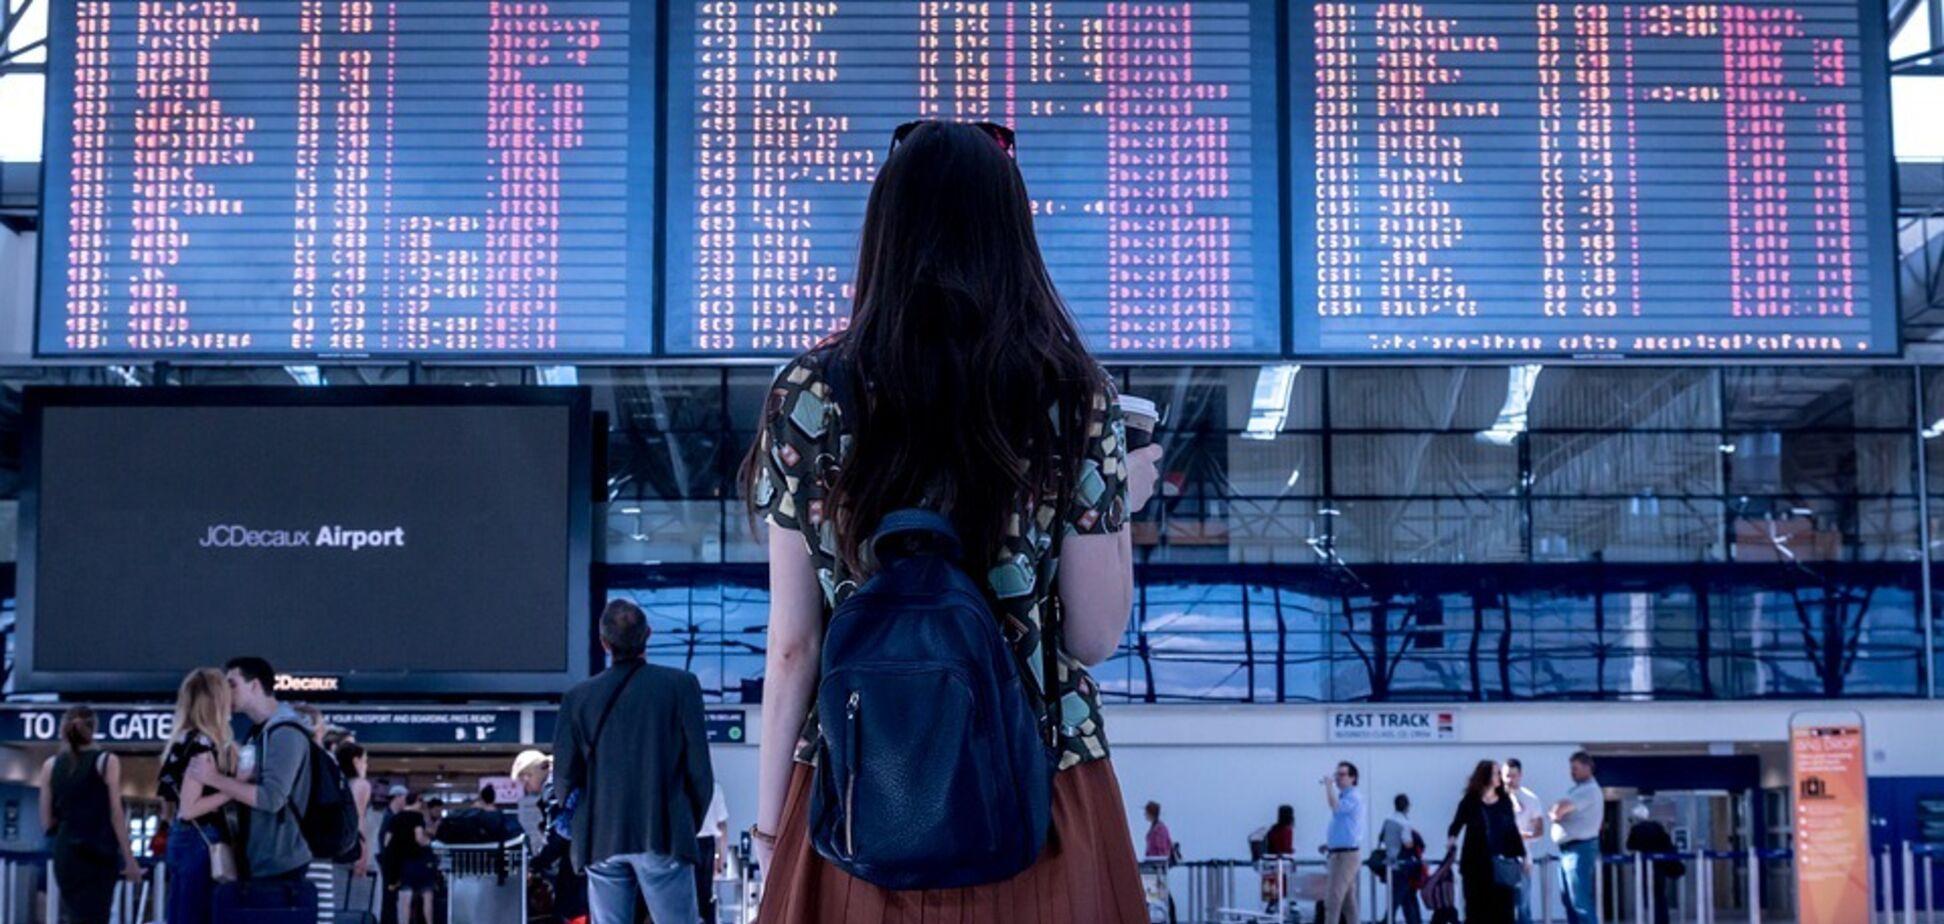 В Харькове тысячи пассажиров застряли в аэропорту: названа причина авиаколлапса